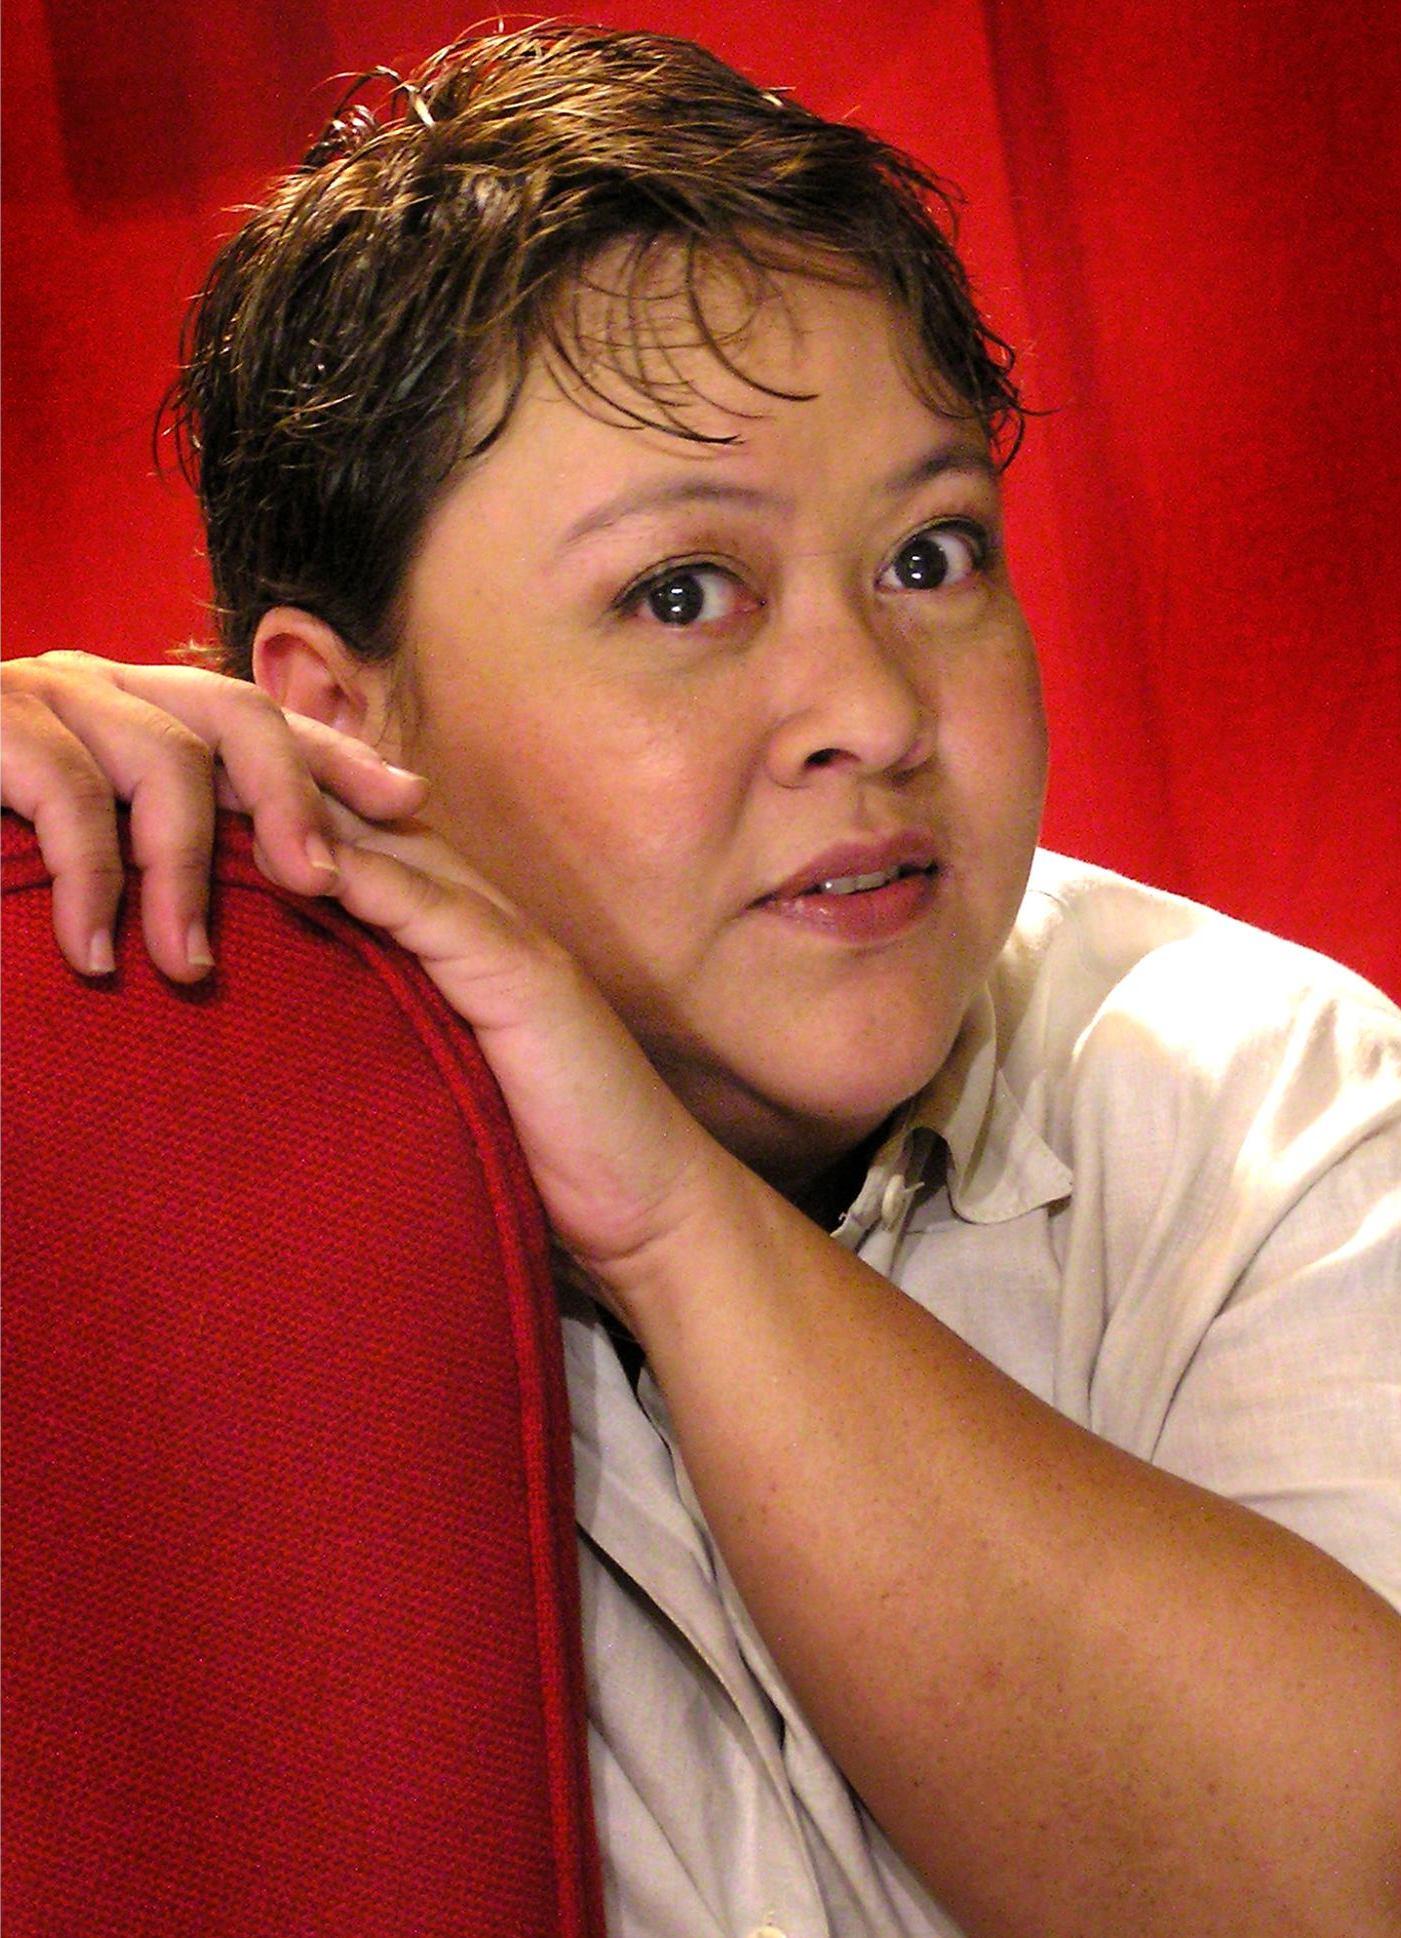 Eugene Simon (born 1992),Saki Seto (b. 1985) Hot pics & movies Mitzi Gaynor,Myfanwy Waring